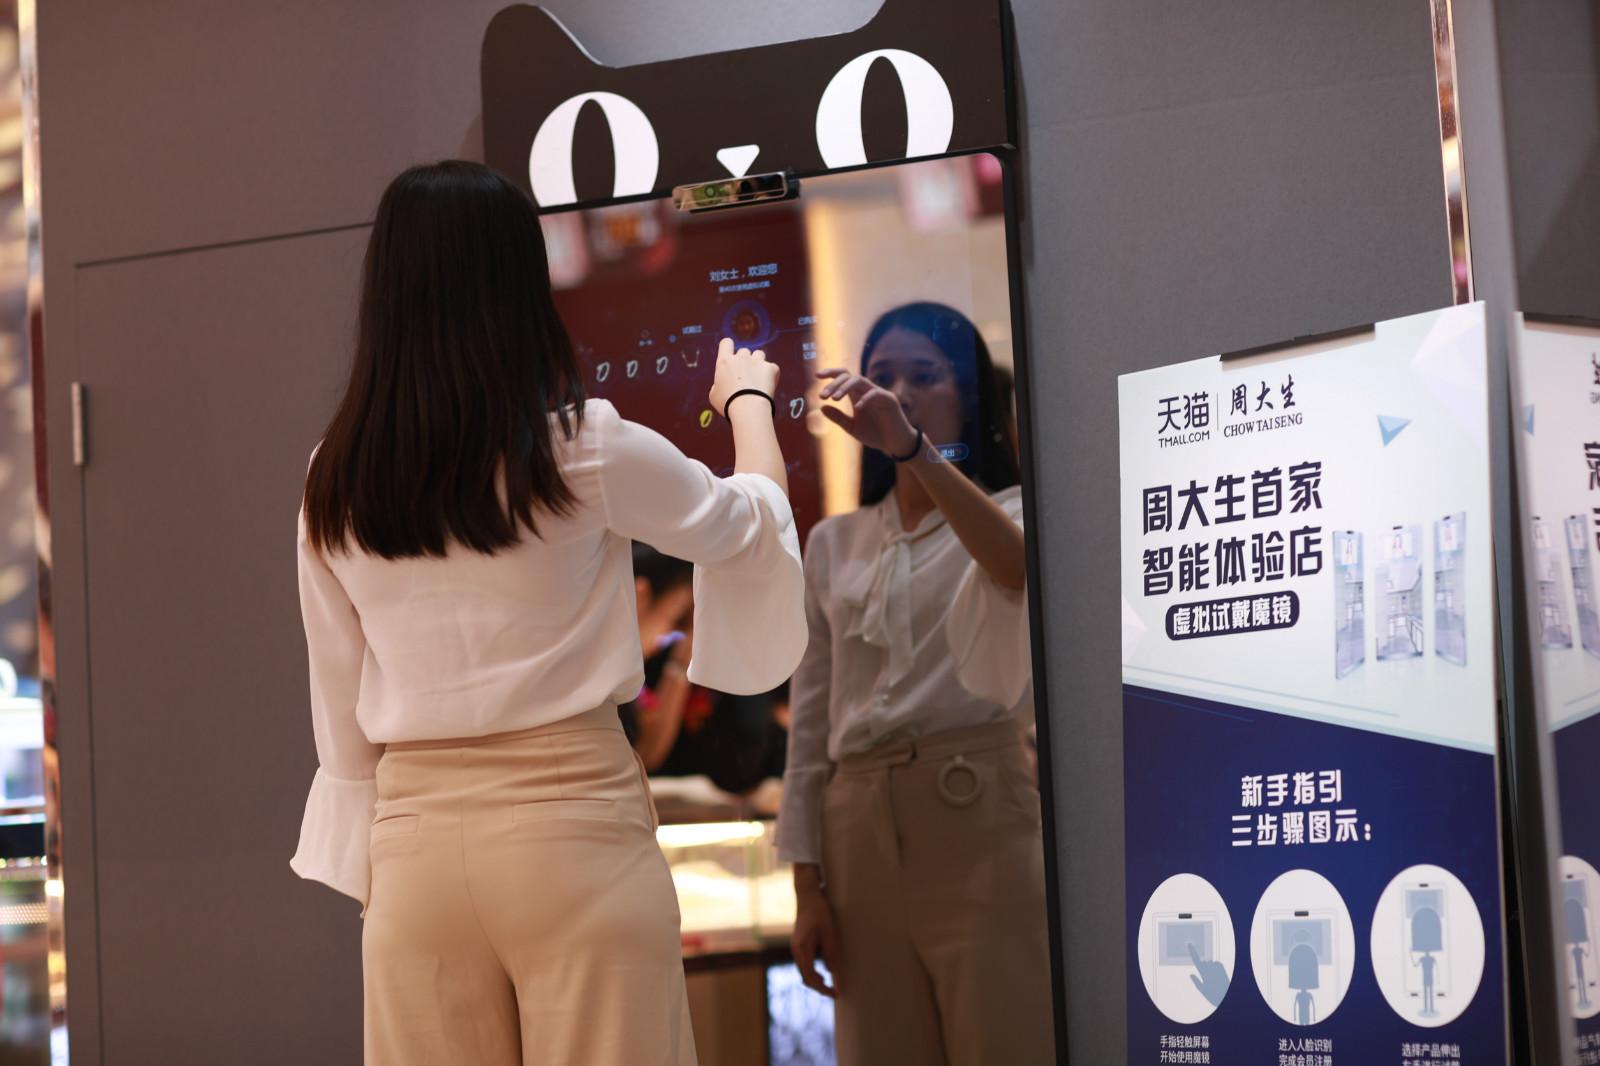 """在深圳周大生智能体验店内,一位导购员正在""""智能魔镜""""前操作如何进行饰品的""""虚拟试戴""""体验。_meitu_3"""